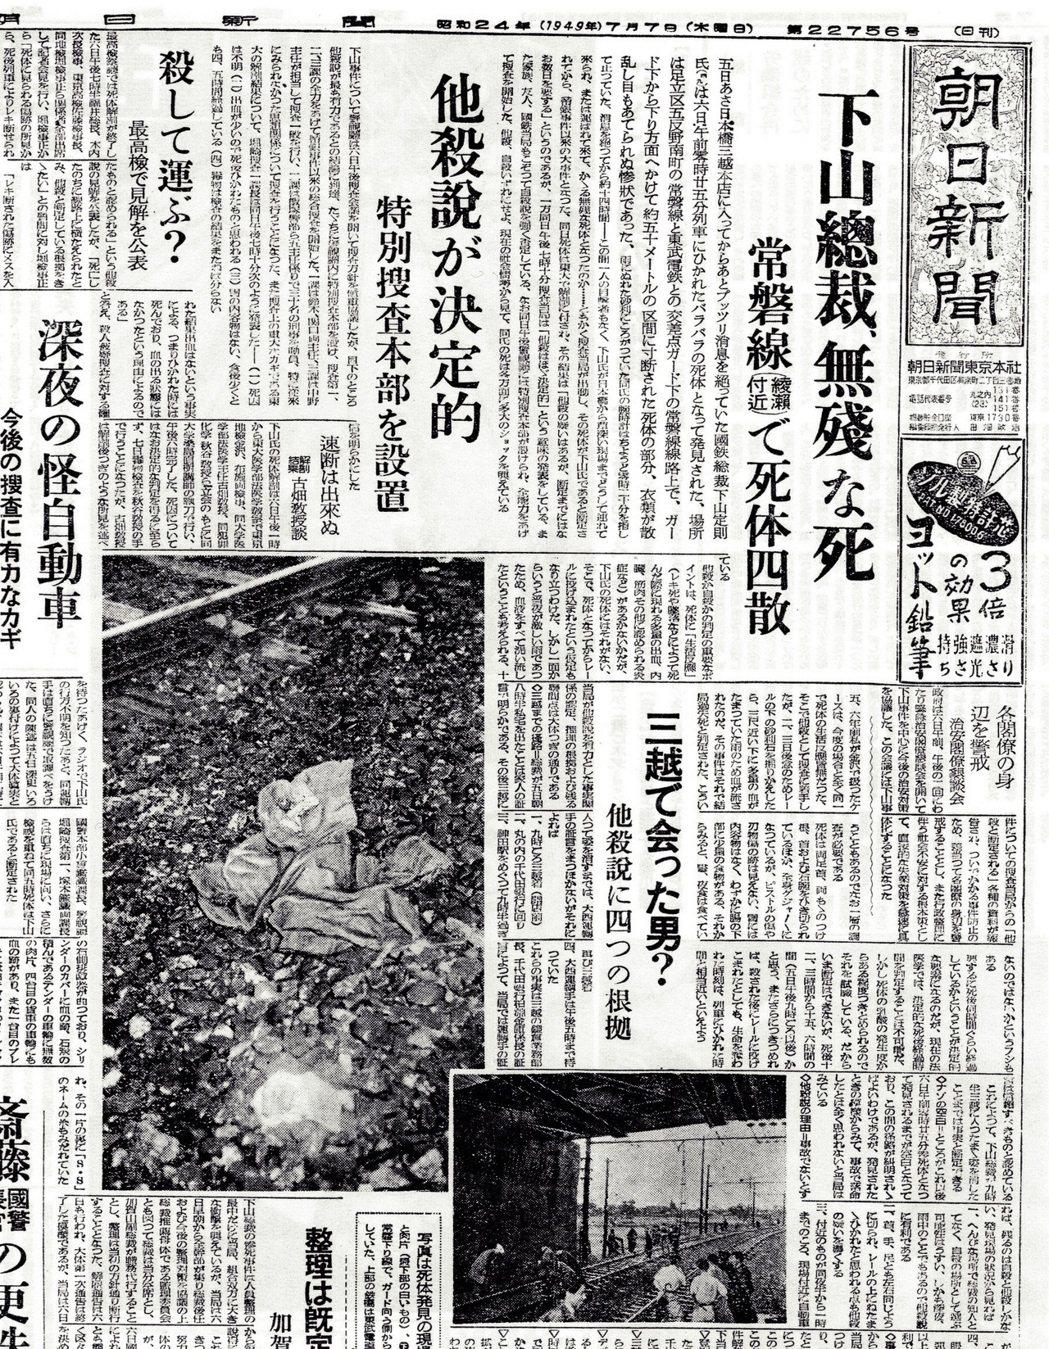 1949年7月7日發行的《朝日新聞》,頭版報導下山總裁之死與他殺說的可能推測。自...